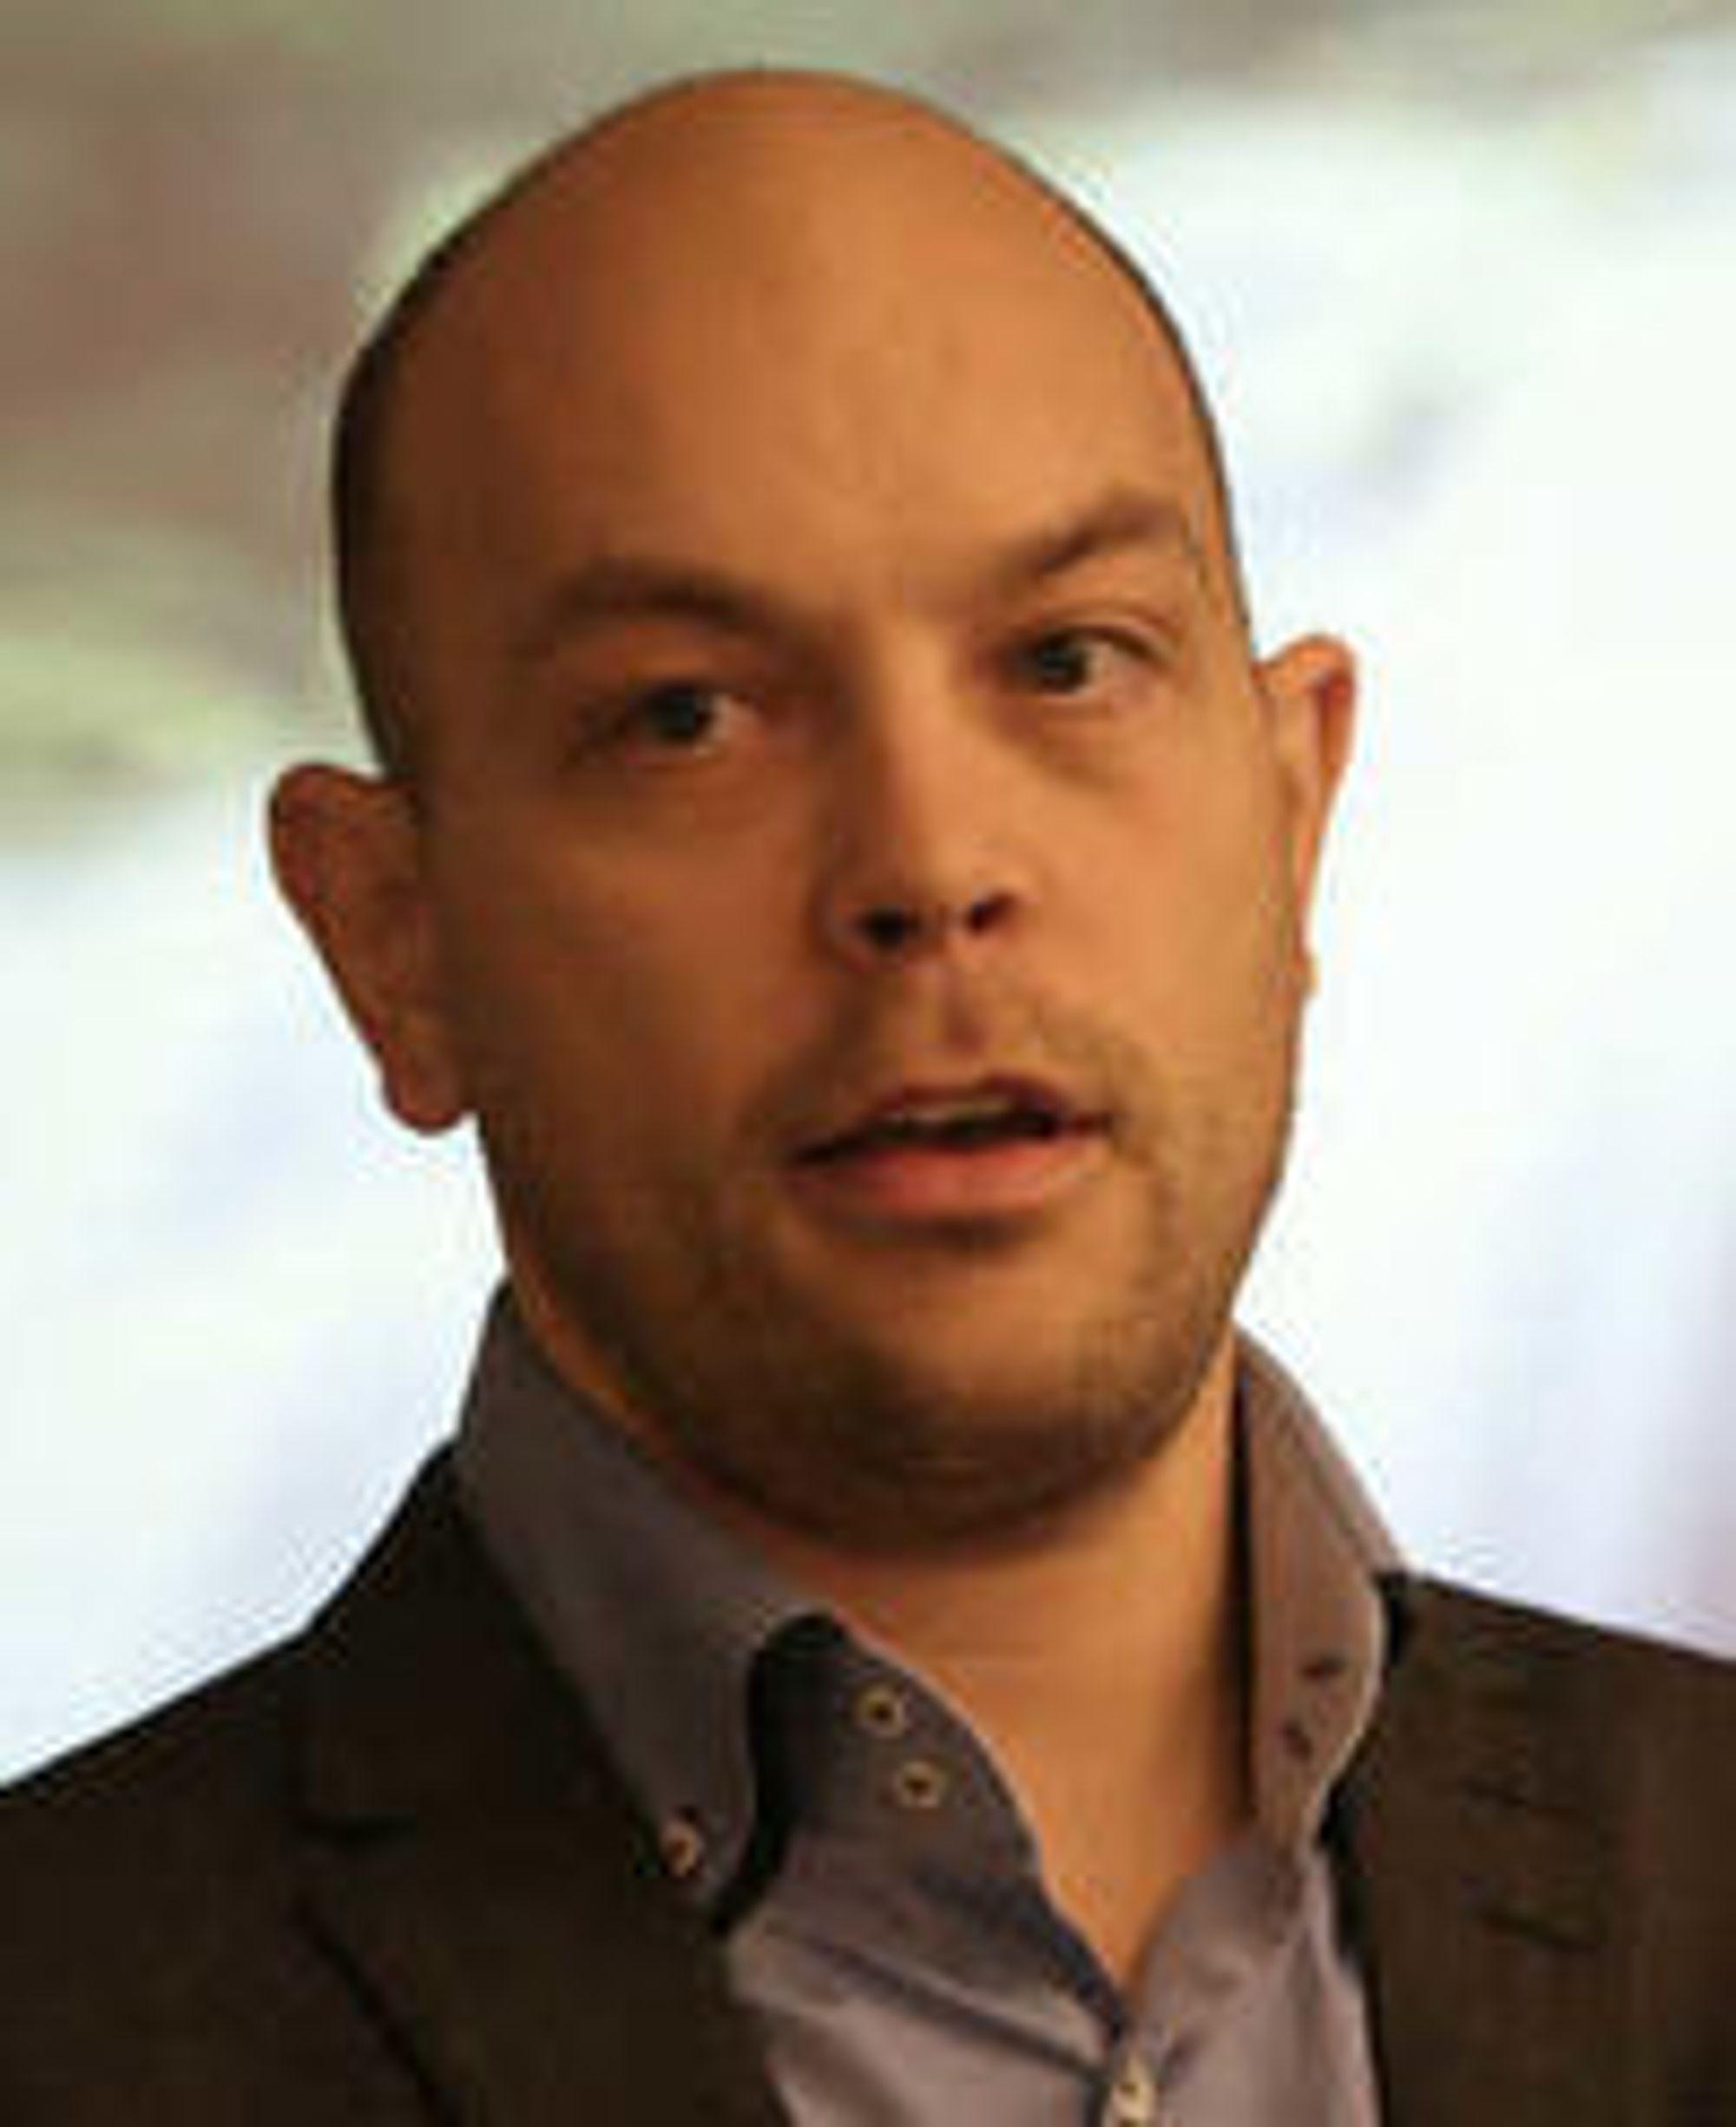 - Skydrive er sentralnervesystemet for Windows-plattformen fremover, sier teknologidirektør Børge Hansen i Microsoft Norge.